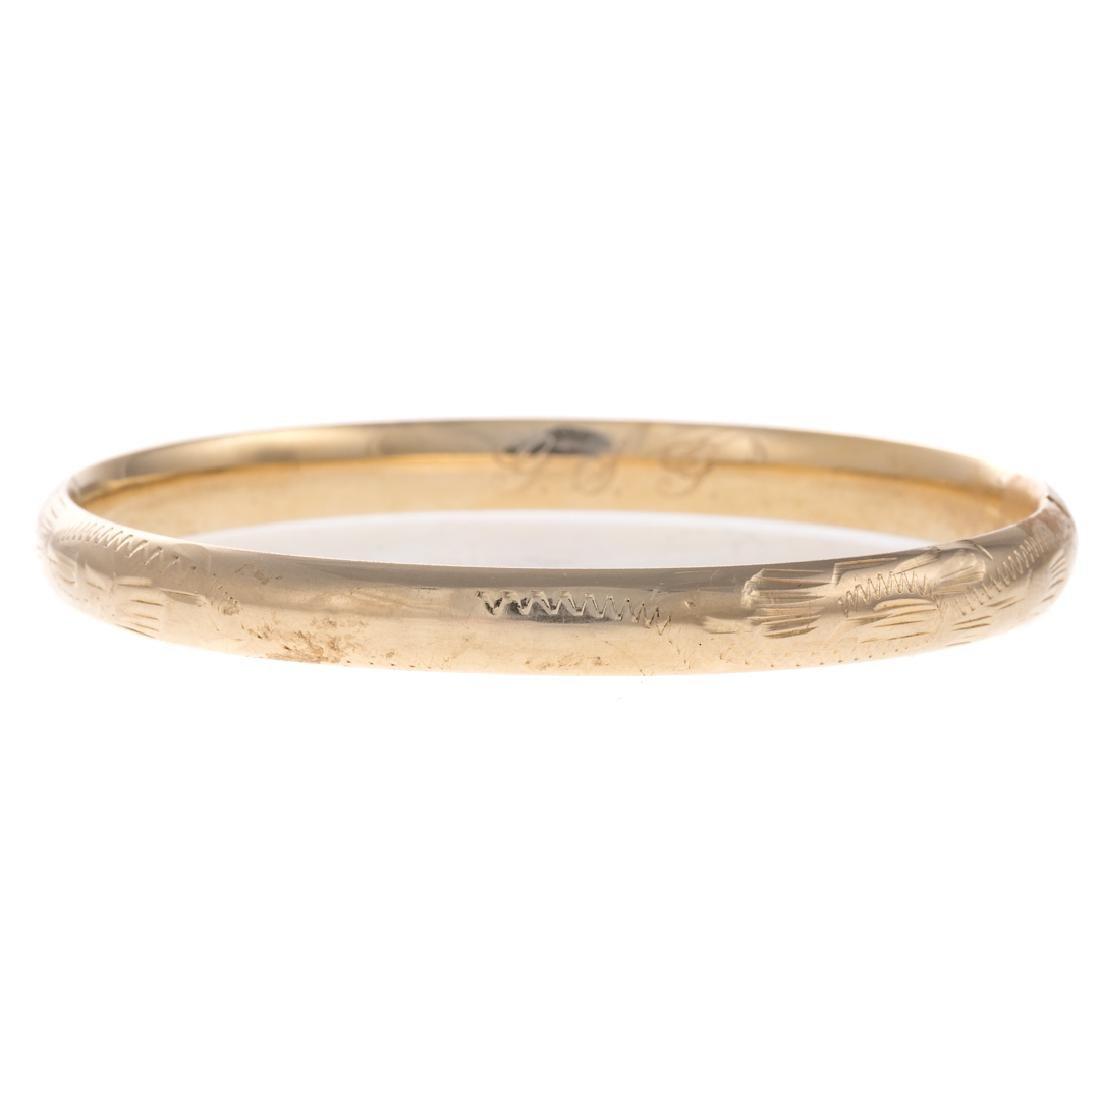 A Lady's Bangle Bracelet in 14K Gold